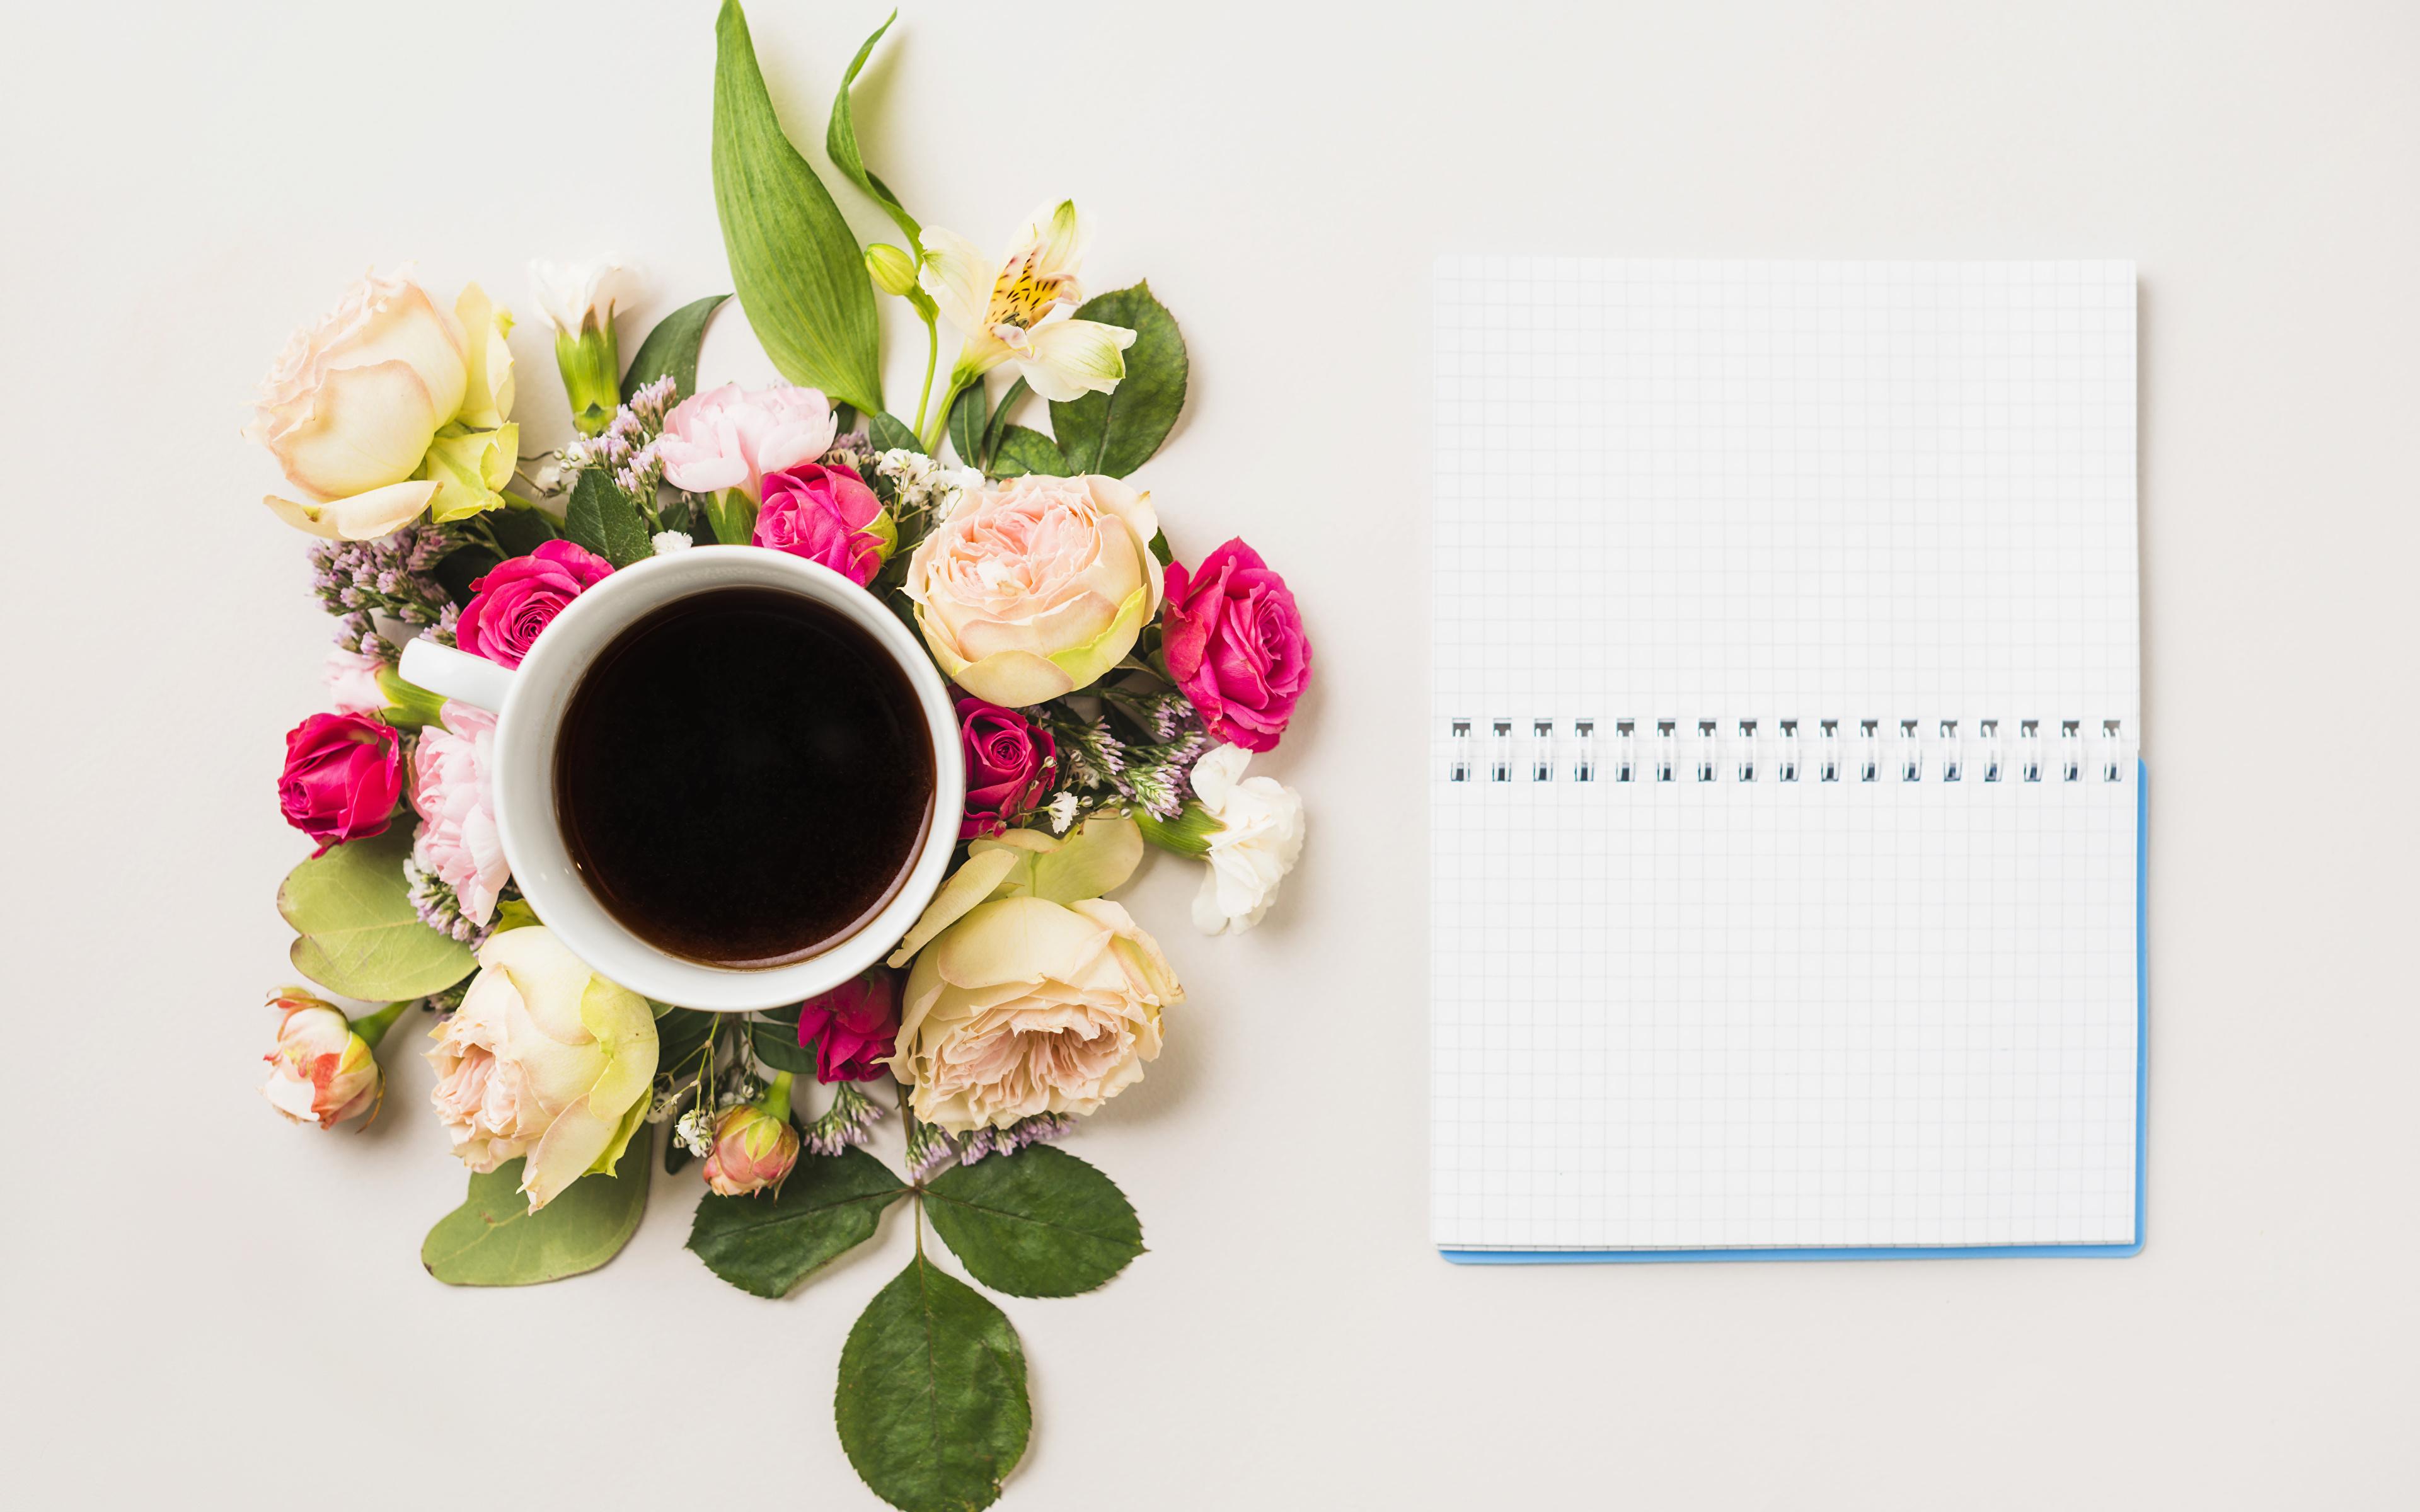 Картинки Блокнот Розы Кофе Цветы Чашка Продукты питания Шаблон поздравительной открытки Натюрморт Цветной фон 3840x2400 роза цветок Еда Пища чашке